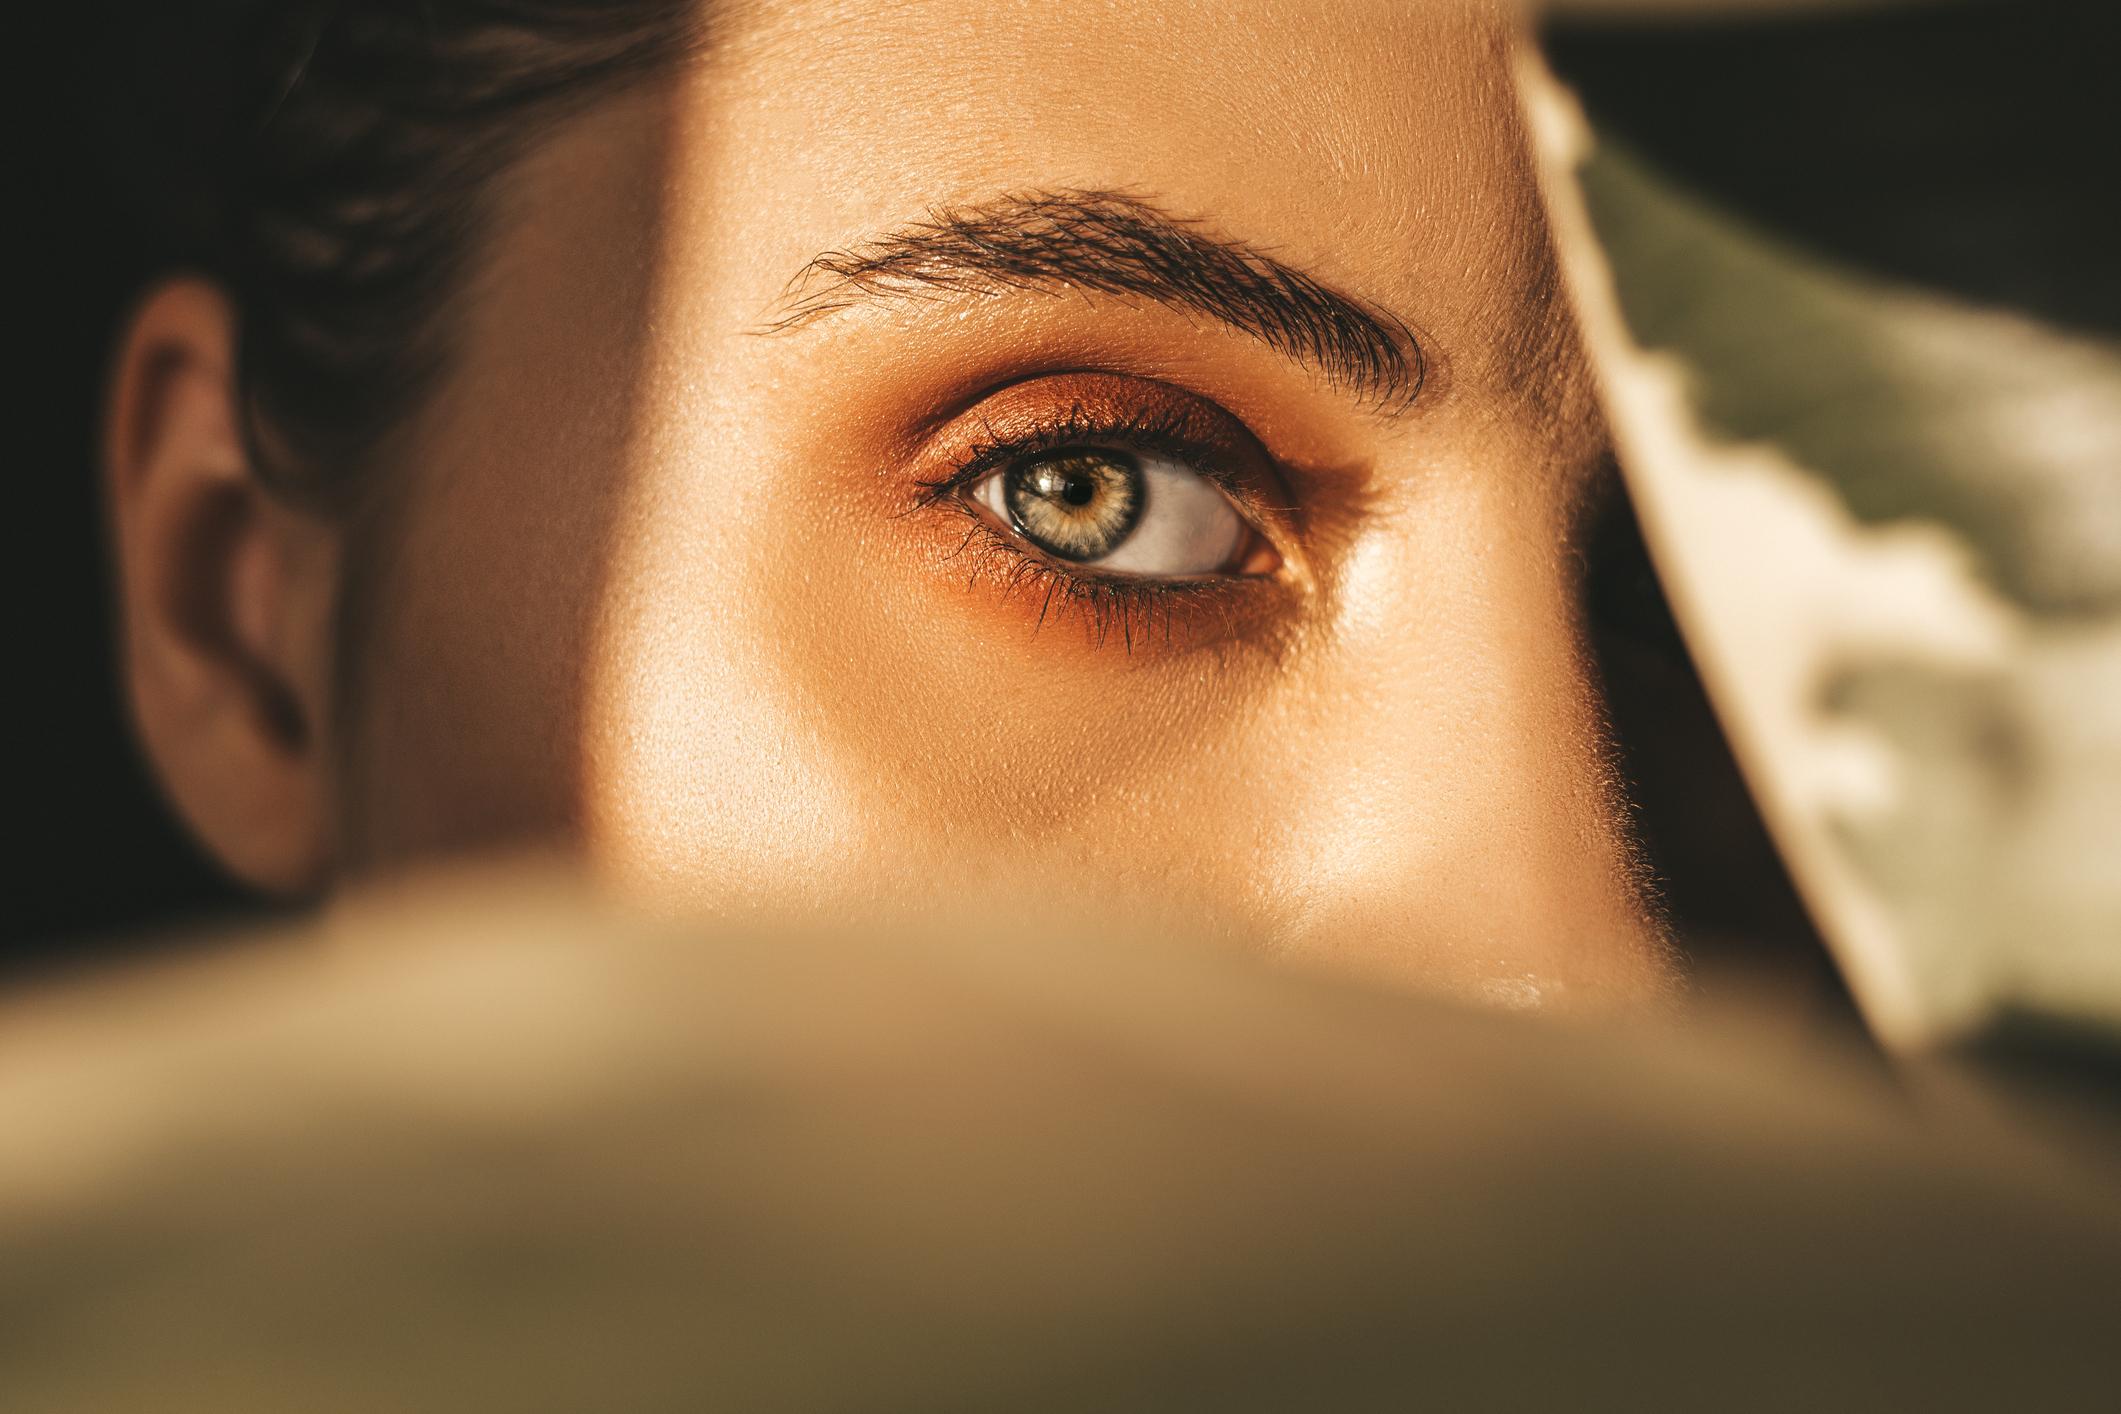 Svi proizvodi koji sadrže taj vitamin trebali bi se koristiti ujutro kako bi štitili kožu tijekom dana, kad UV zračenje bude najjače.